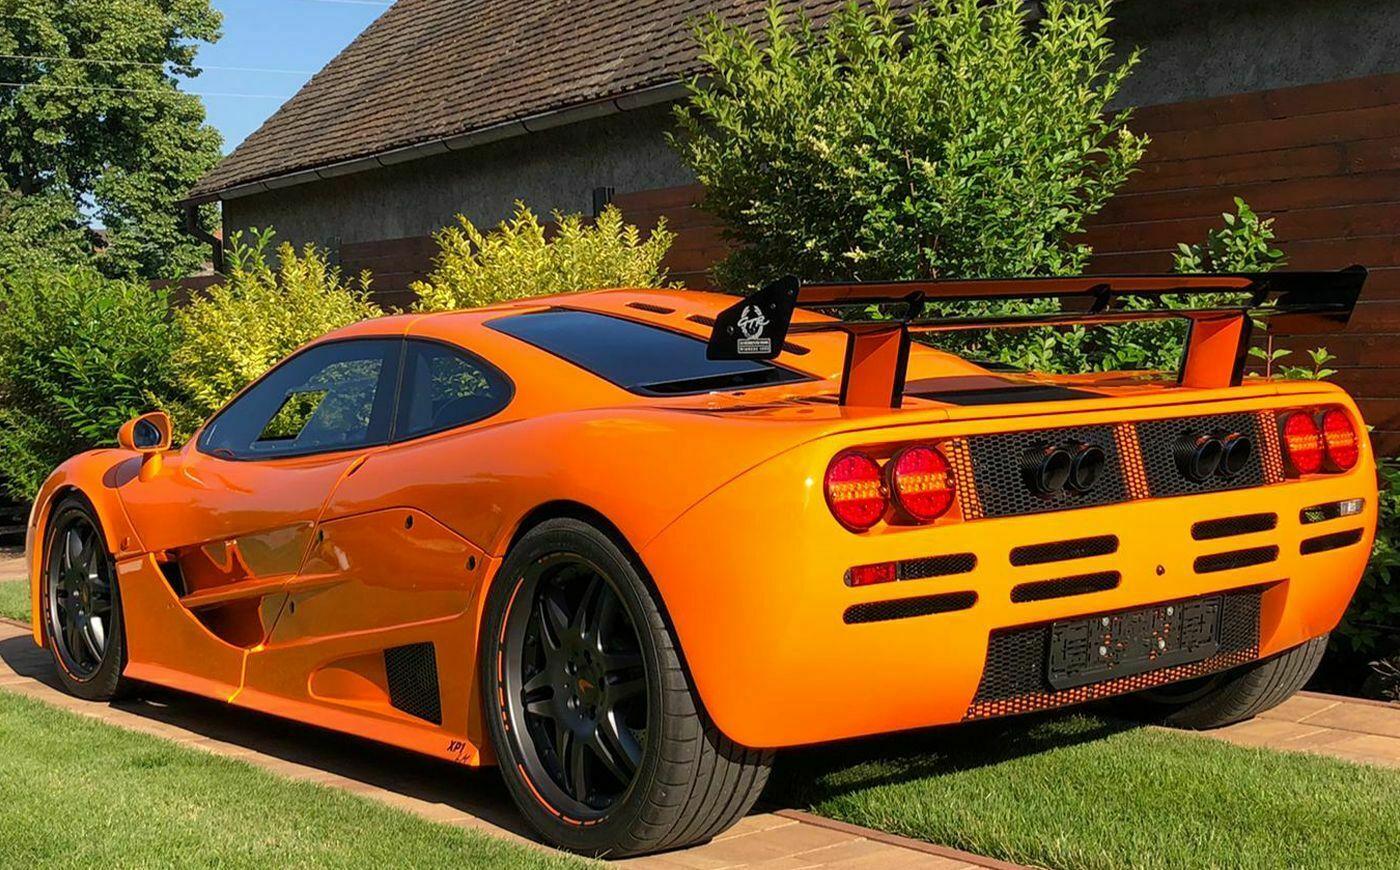 McLaren-F1-Porsche-Boxster-replica-2